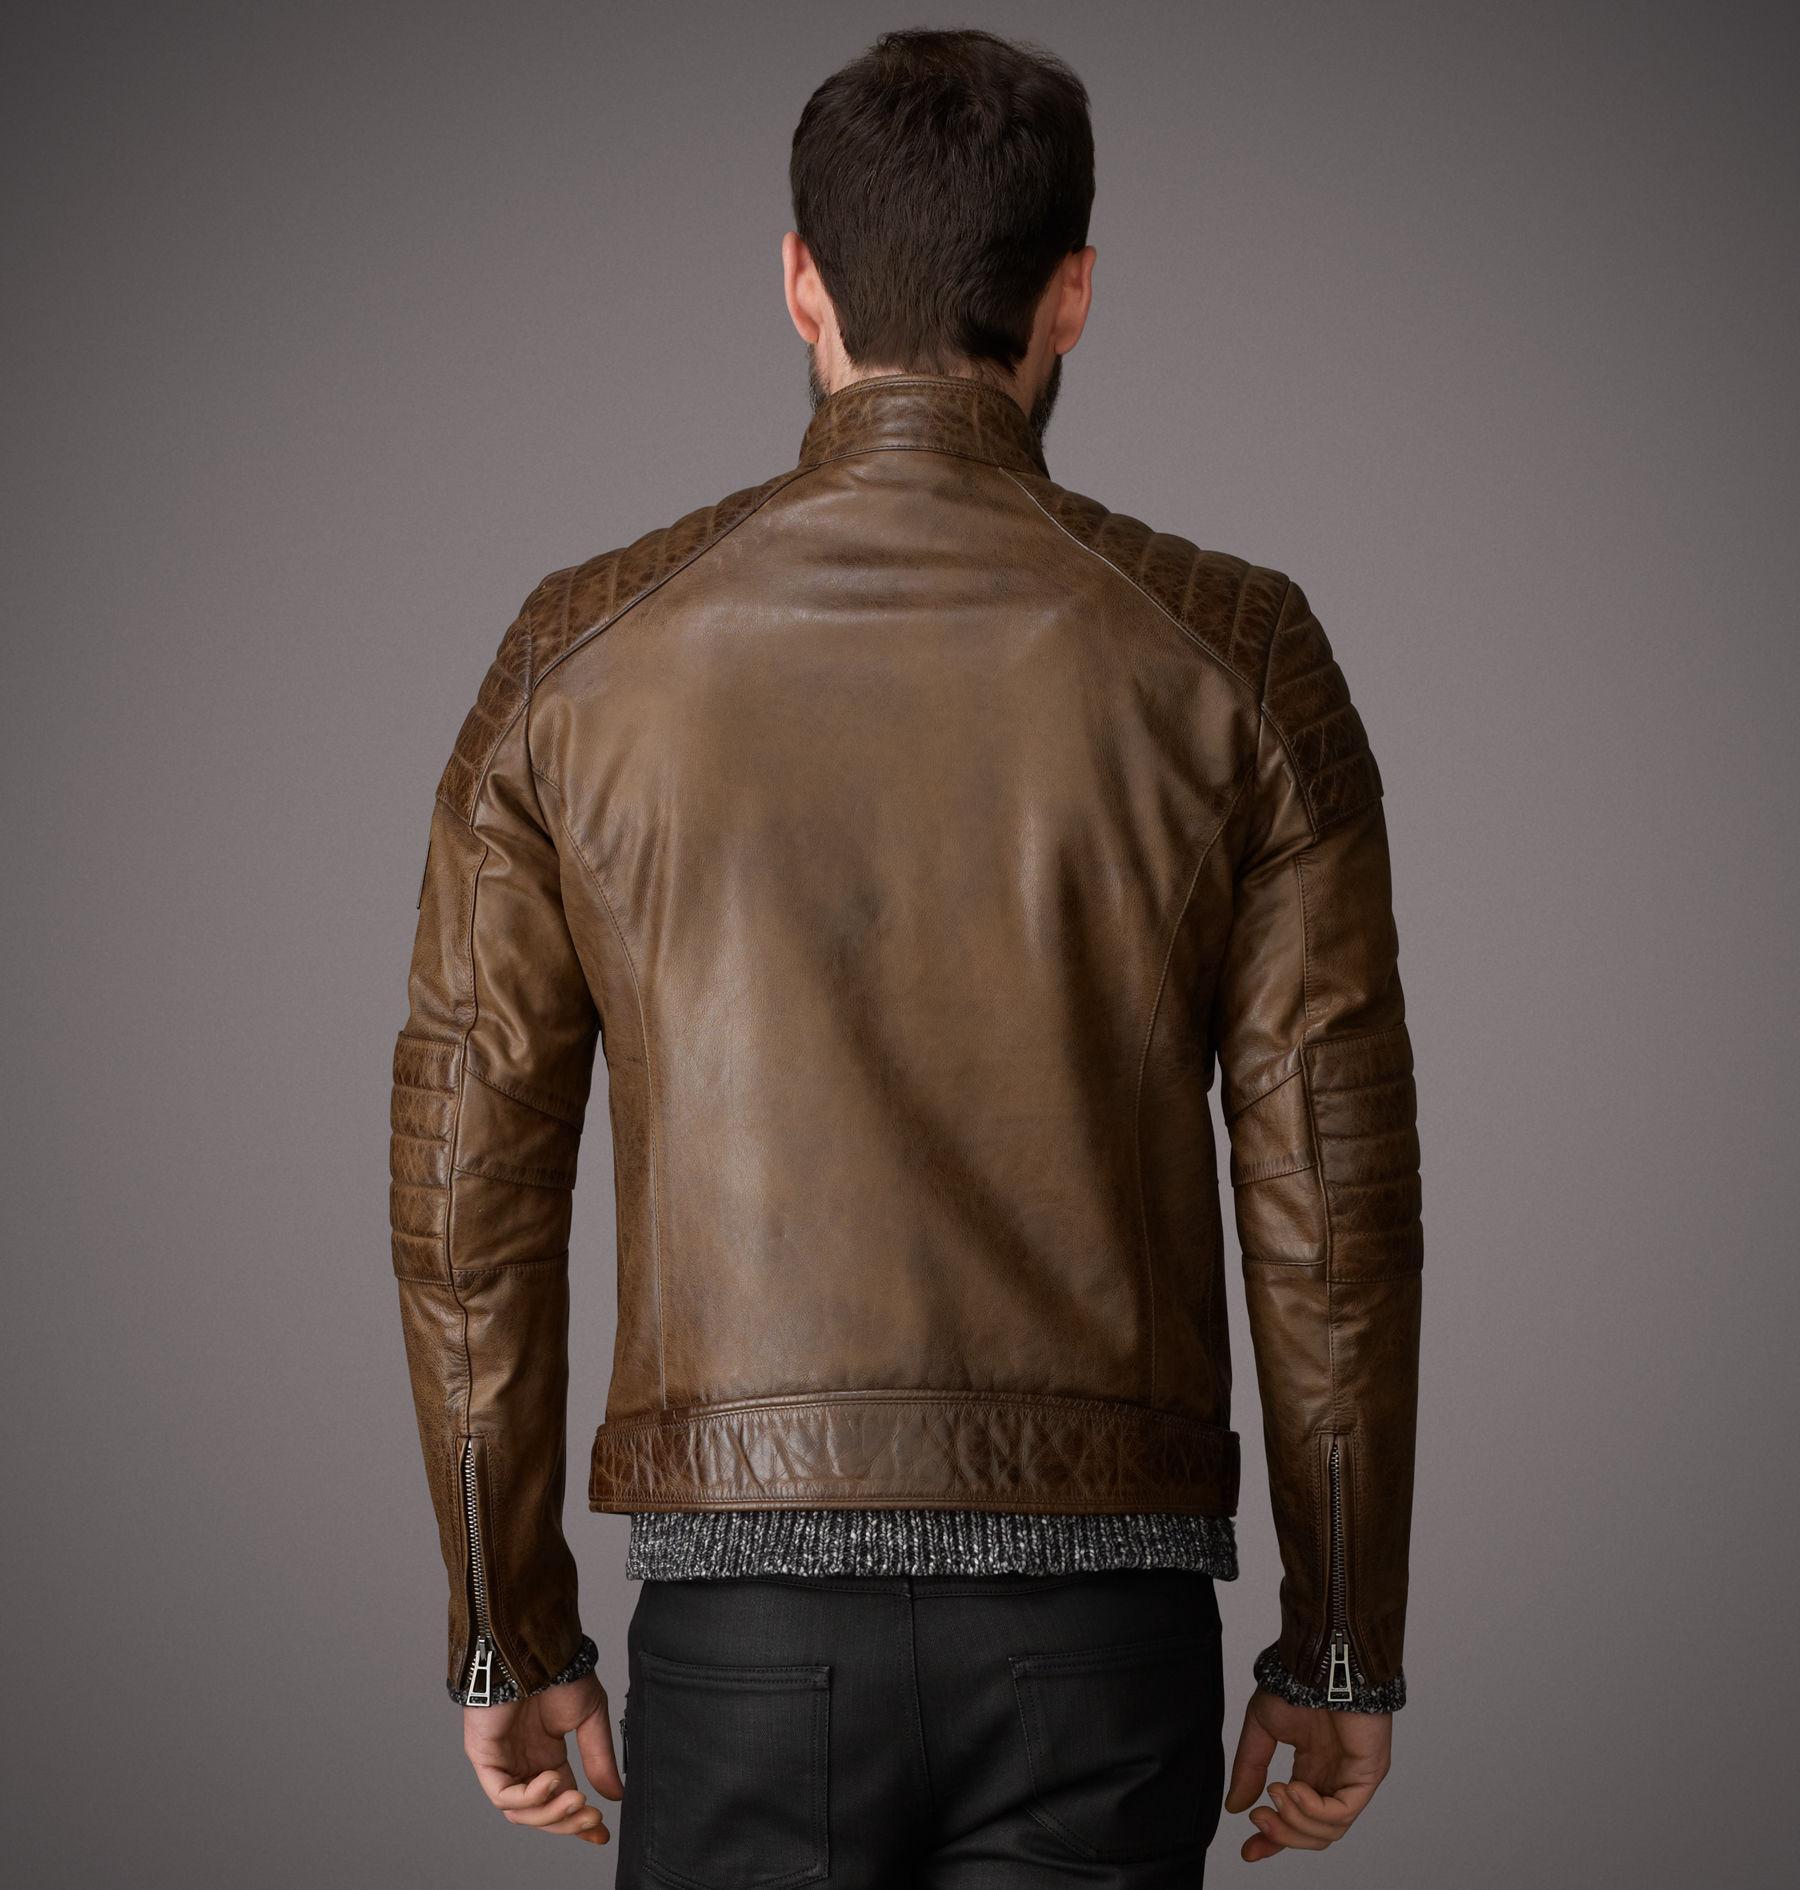 c7de66273f Belstaff Weybridge Jacket in Brown for Men - Lyst